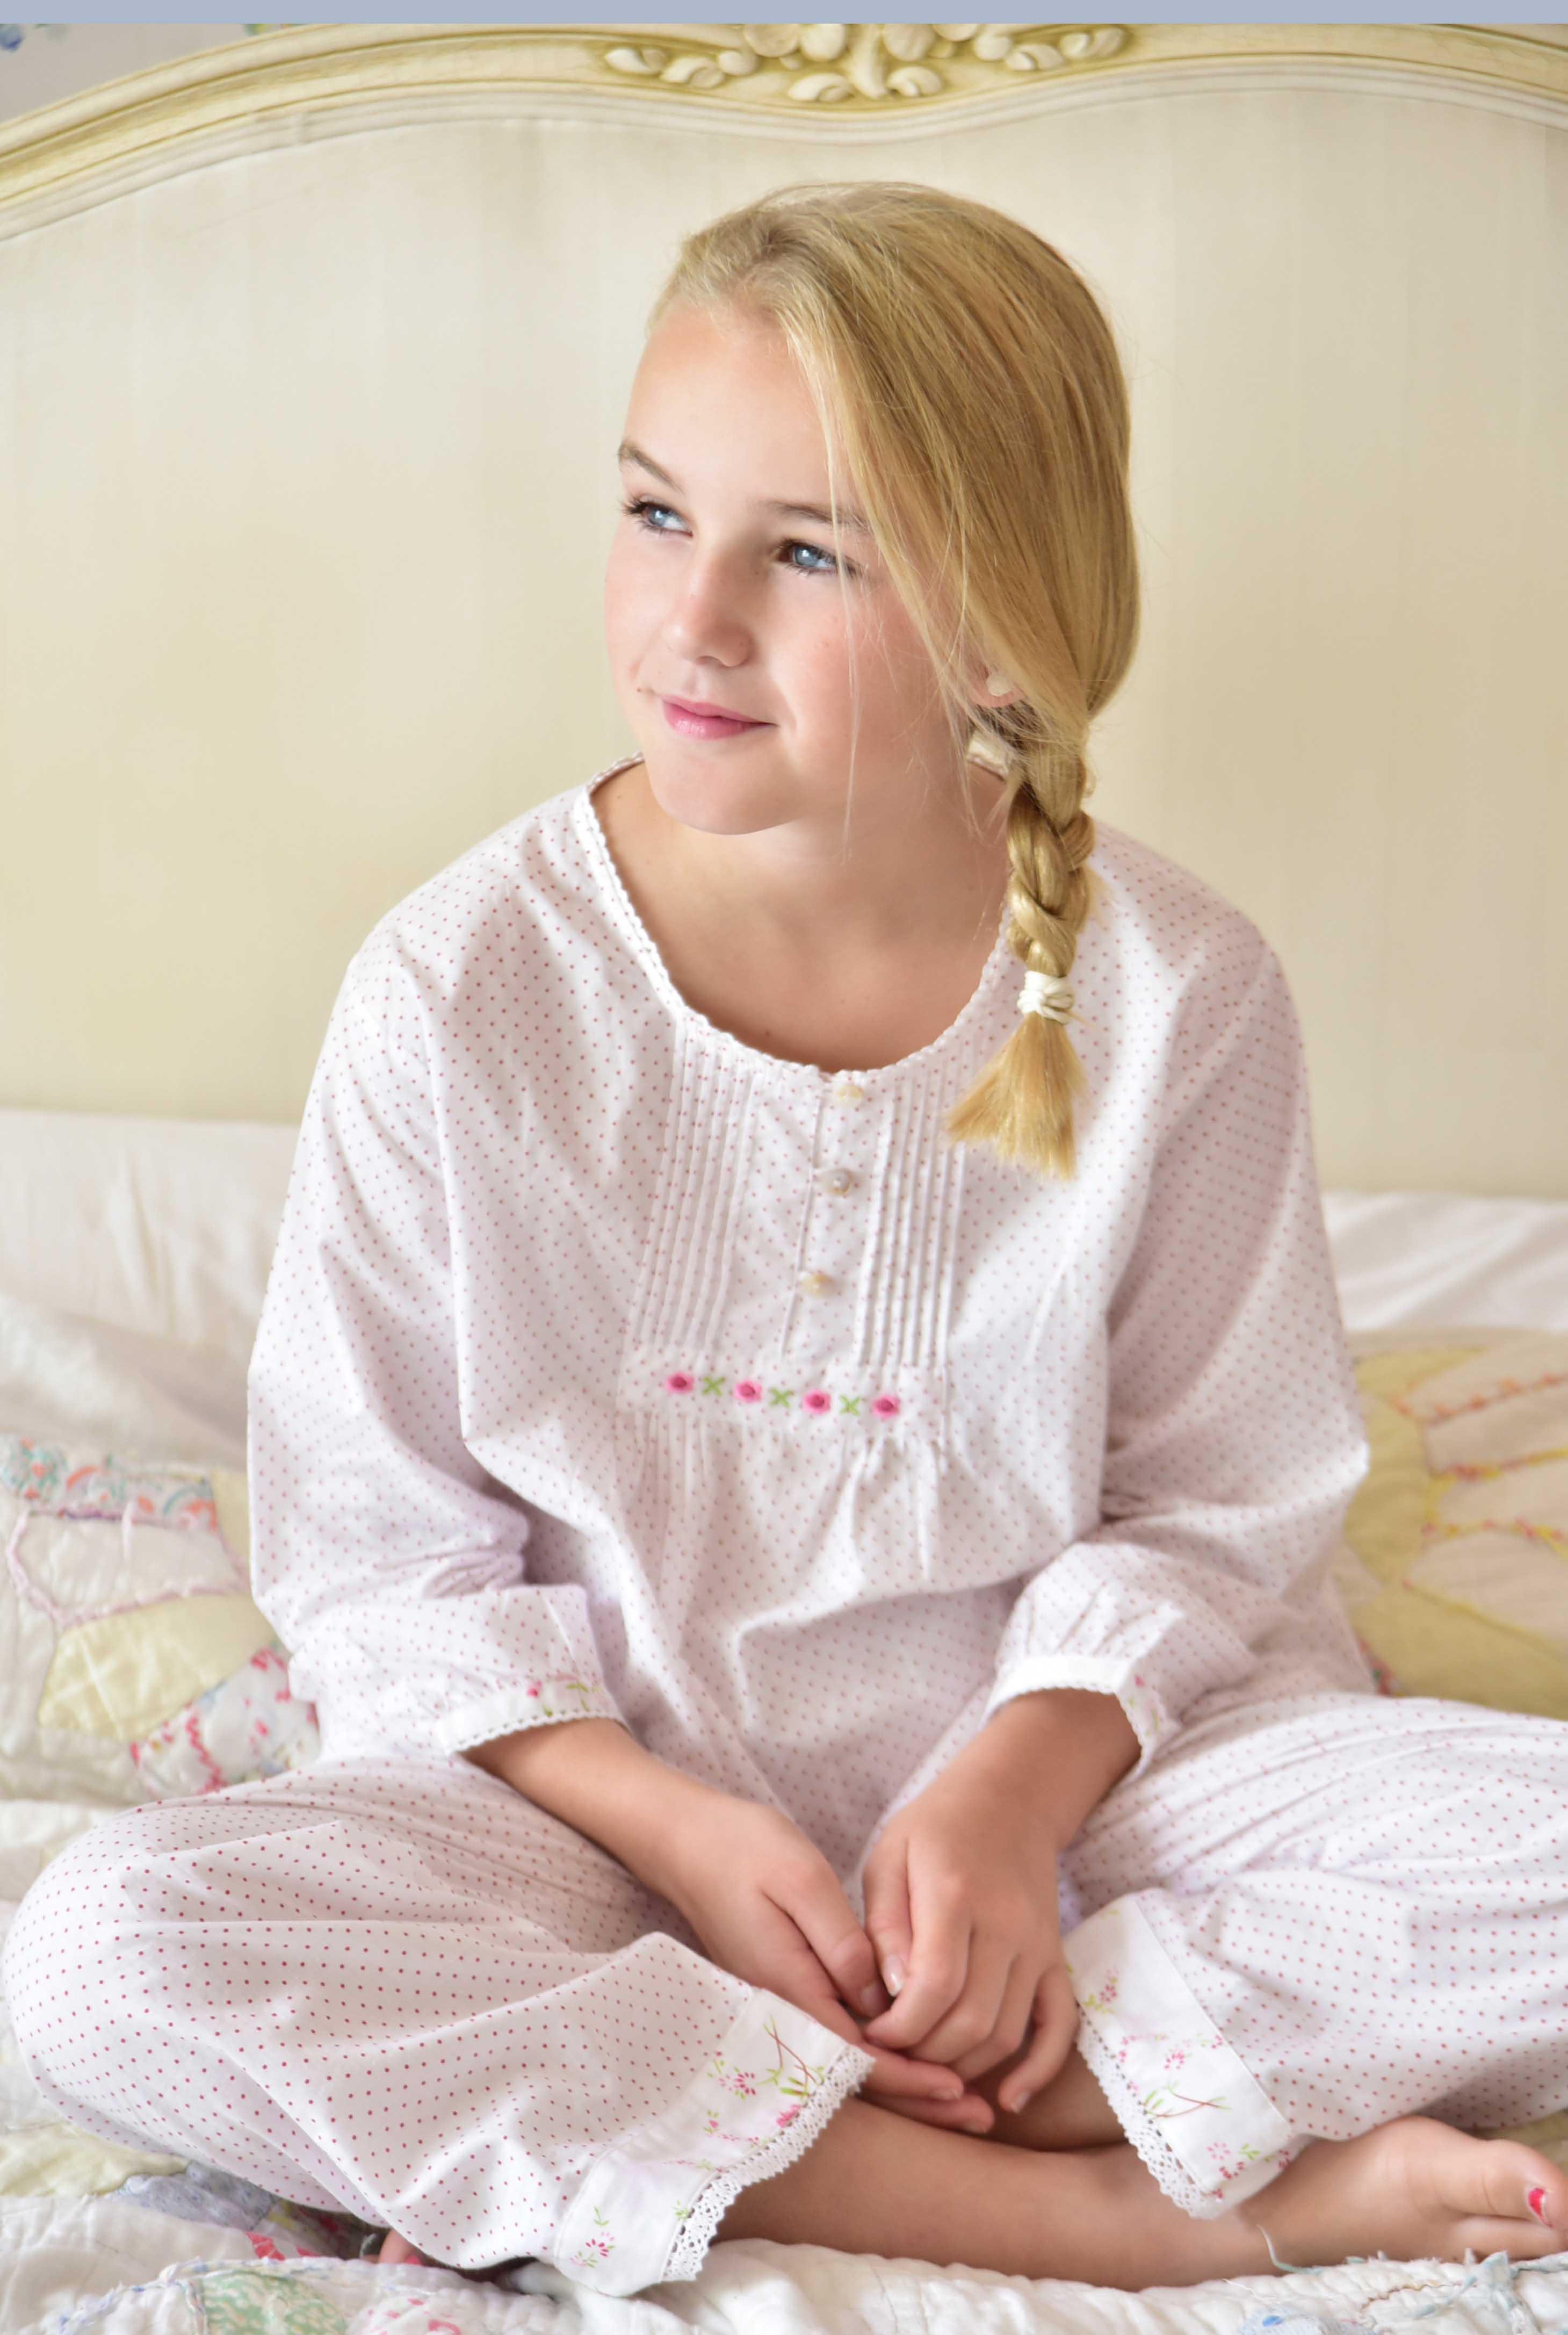 girls sleepwear photography, children's lifestyle photography, Eclectic Photography, Sussex